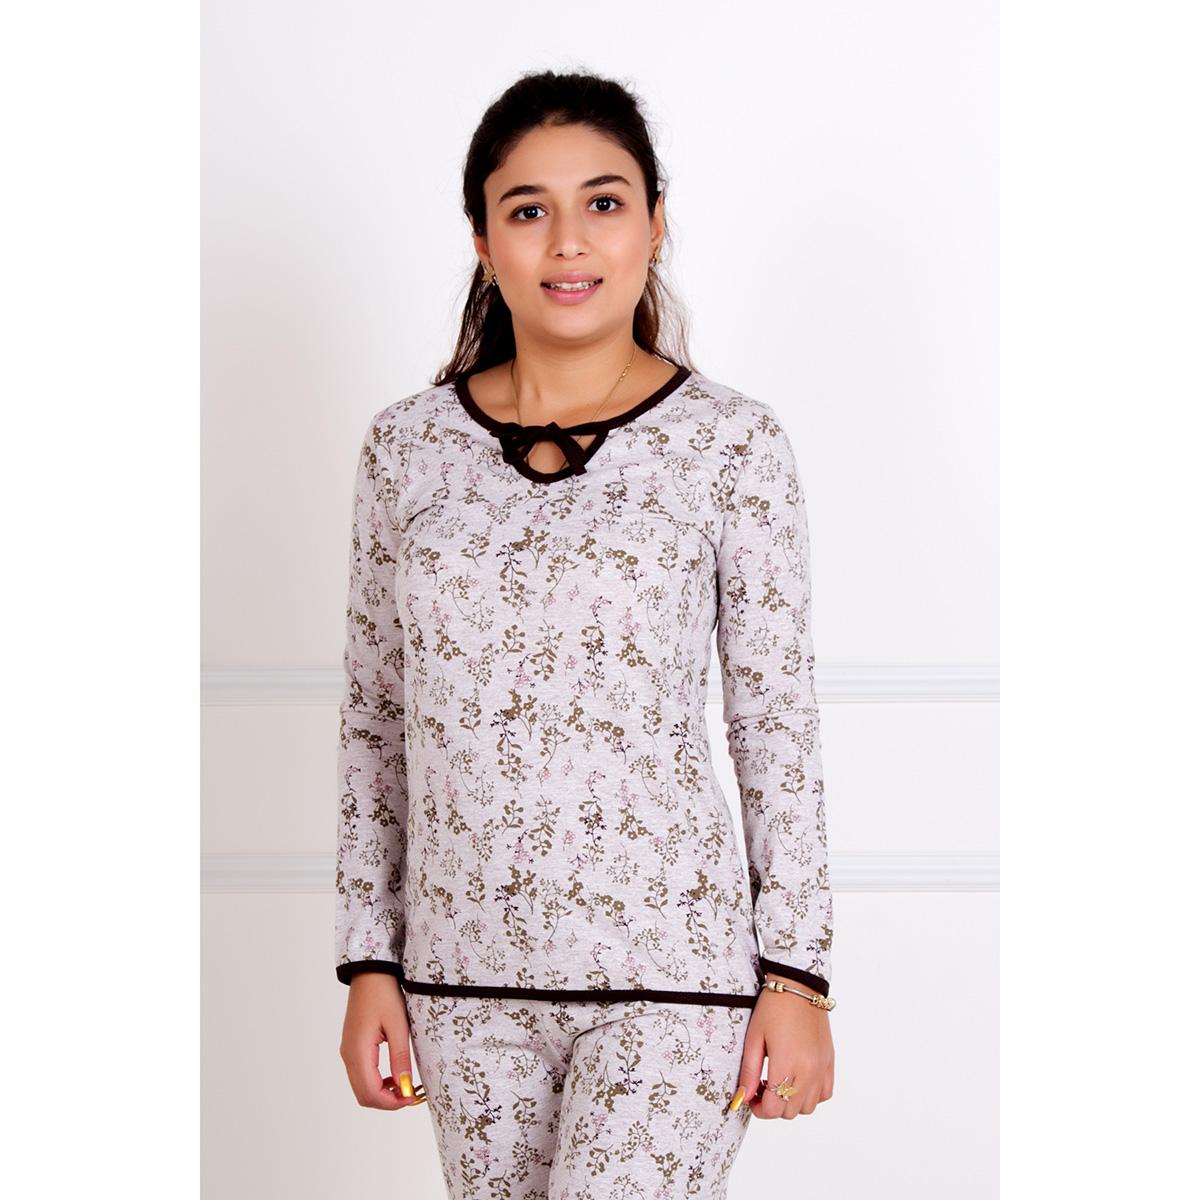 Женский пижама Веточки, размер 48Пижамы и ночные сорочки<br>Обхват груди:96 см<br>Обхват талии:78 см<br>Обхват бедер:104 см<br>Рост:167 см<br><br>Тип: Жен. костюм<br>Размер: 48<br>Материал: Кулирка